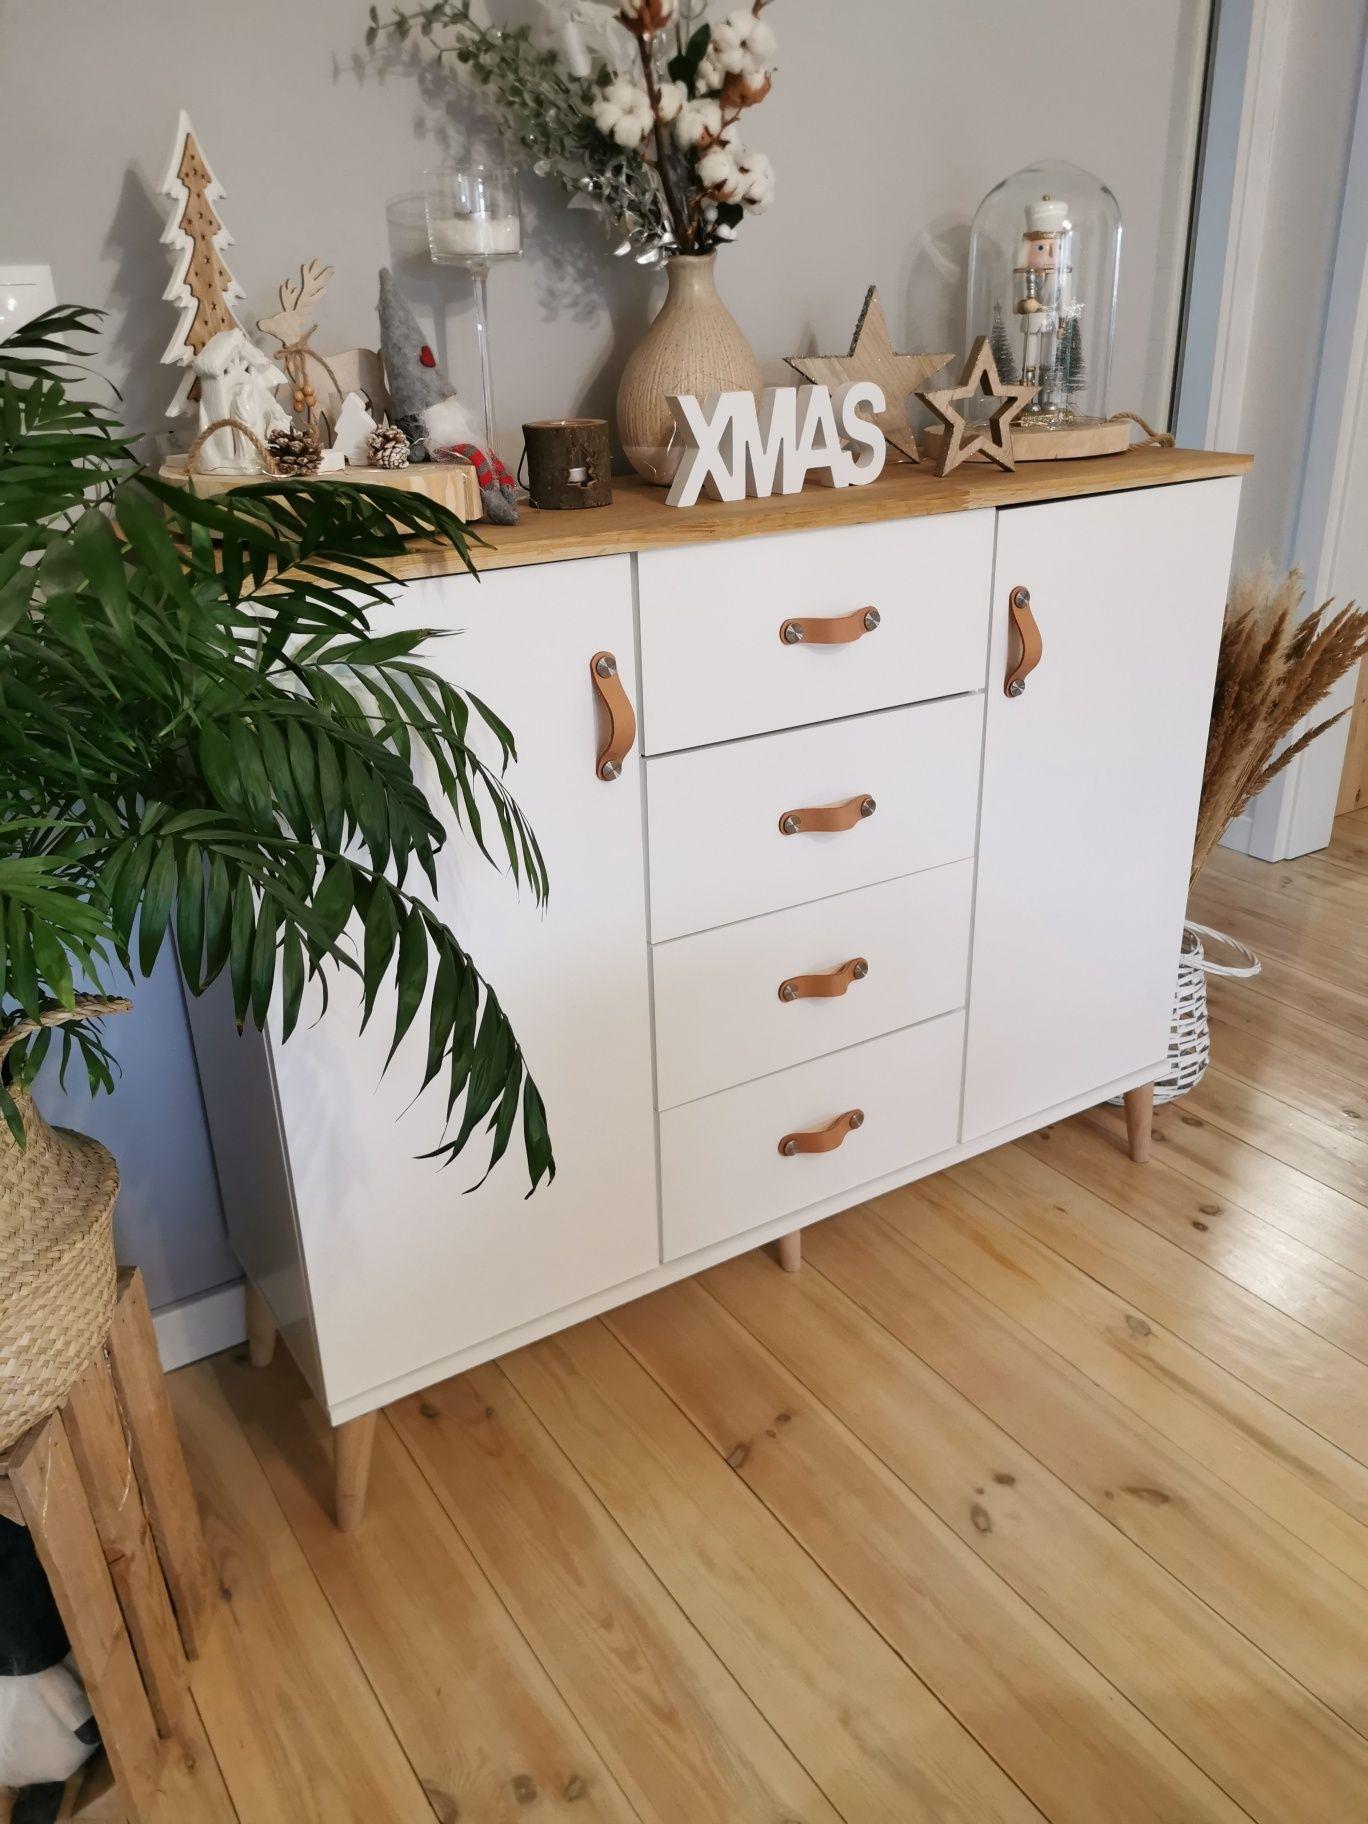 Komoda Biala Drewno Uchwyty Skorzane Ikea Decor Home Decor Furniture